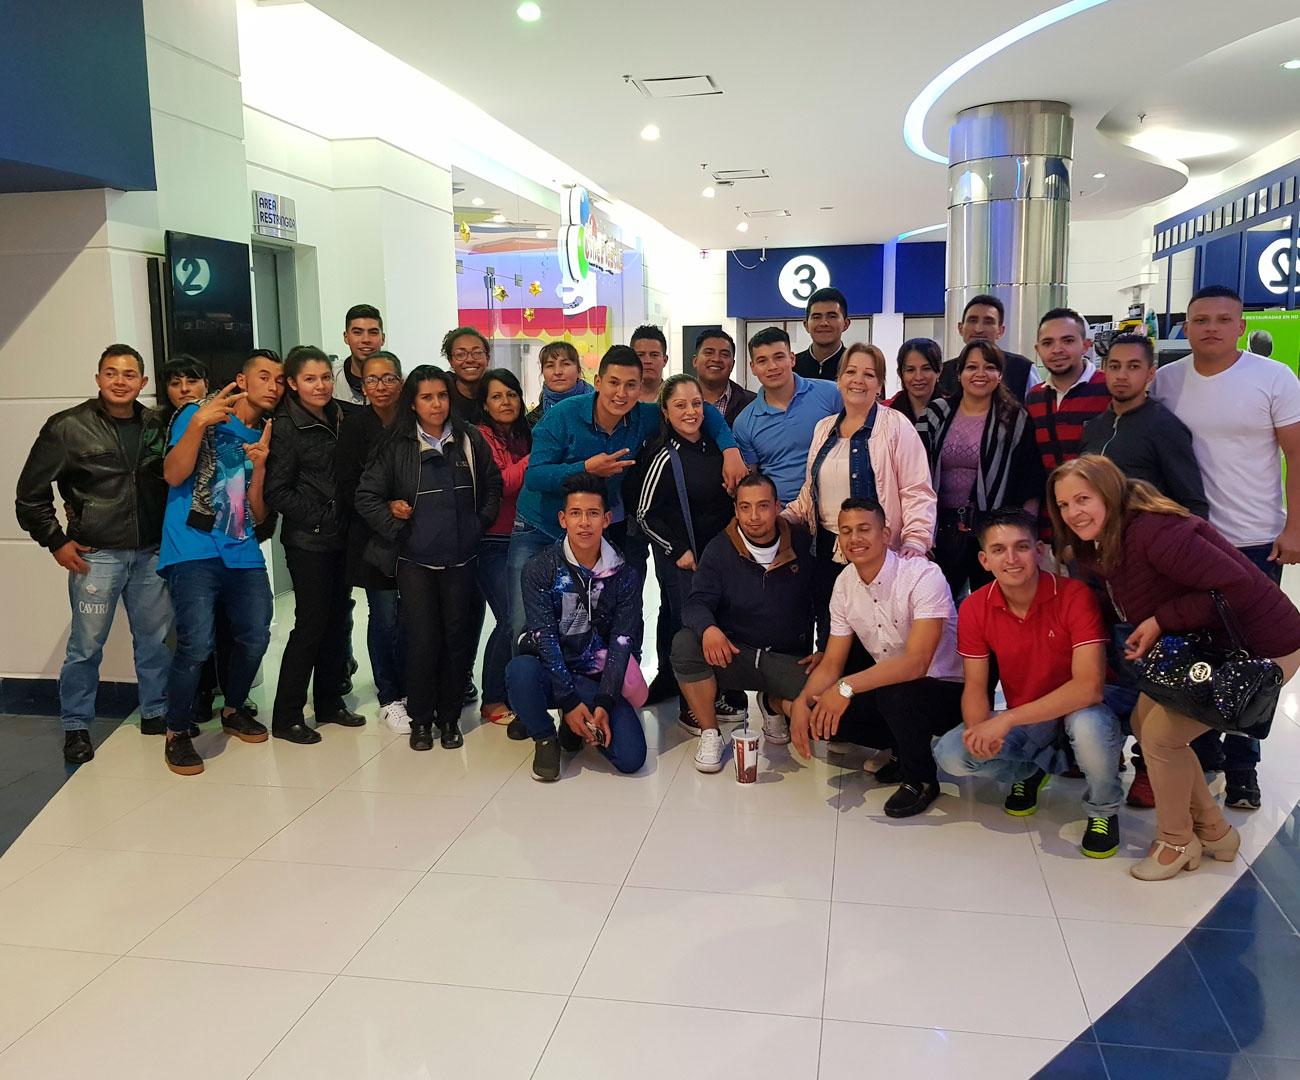 evento patrocinado por Supermercados Caviri en Cine Colombia